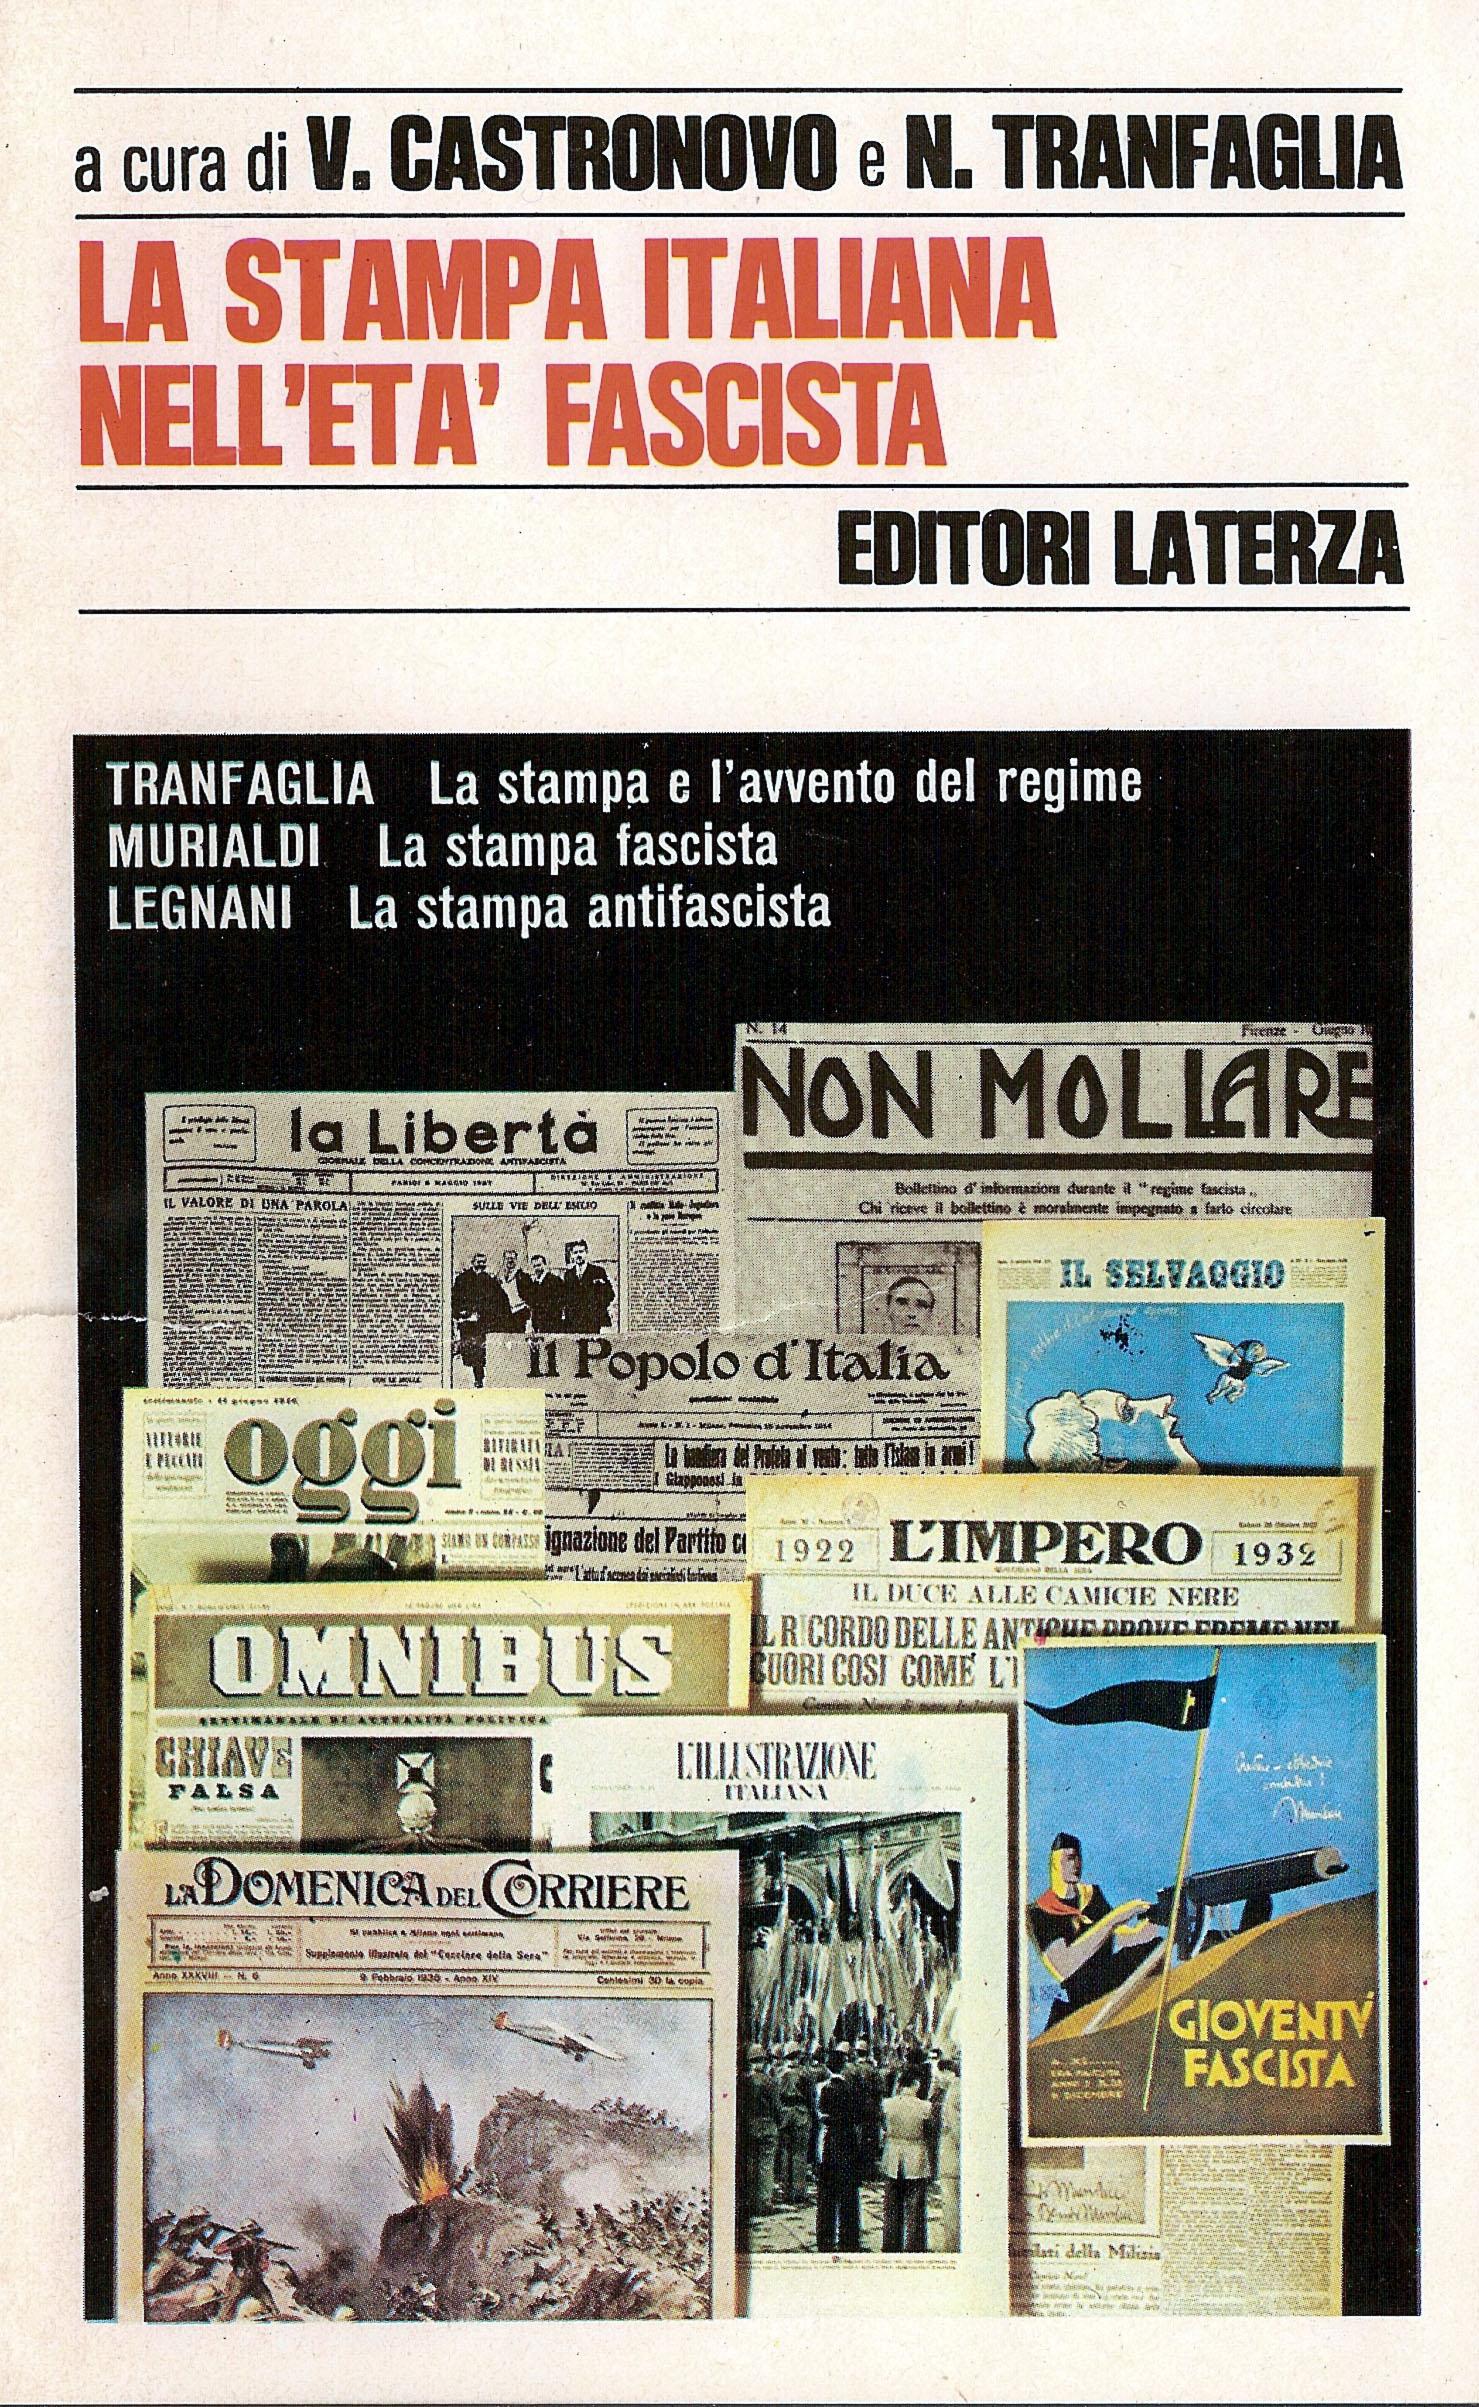 La stampa italiana nell'età fascista